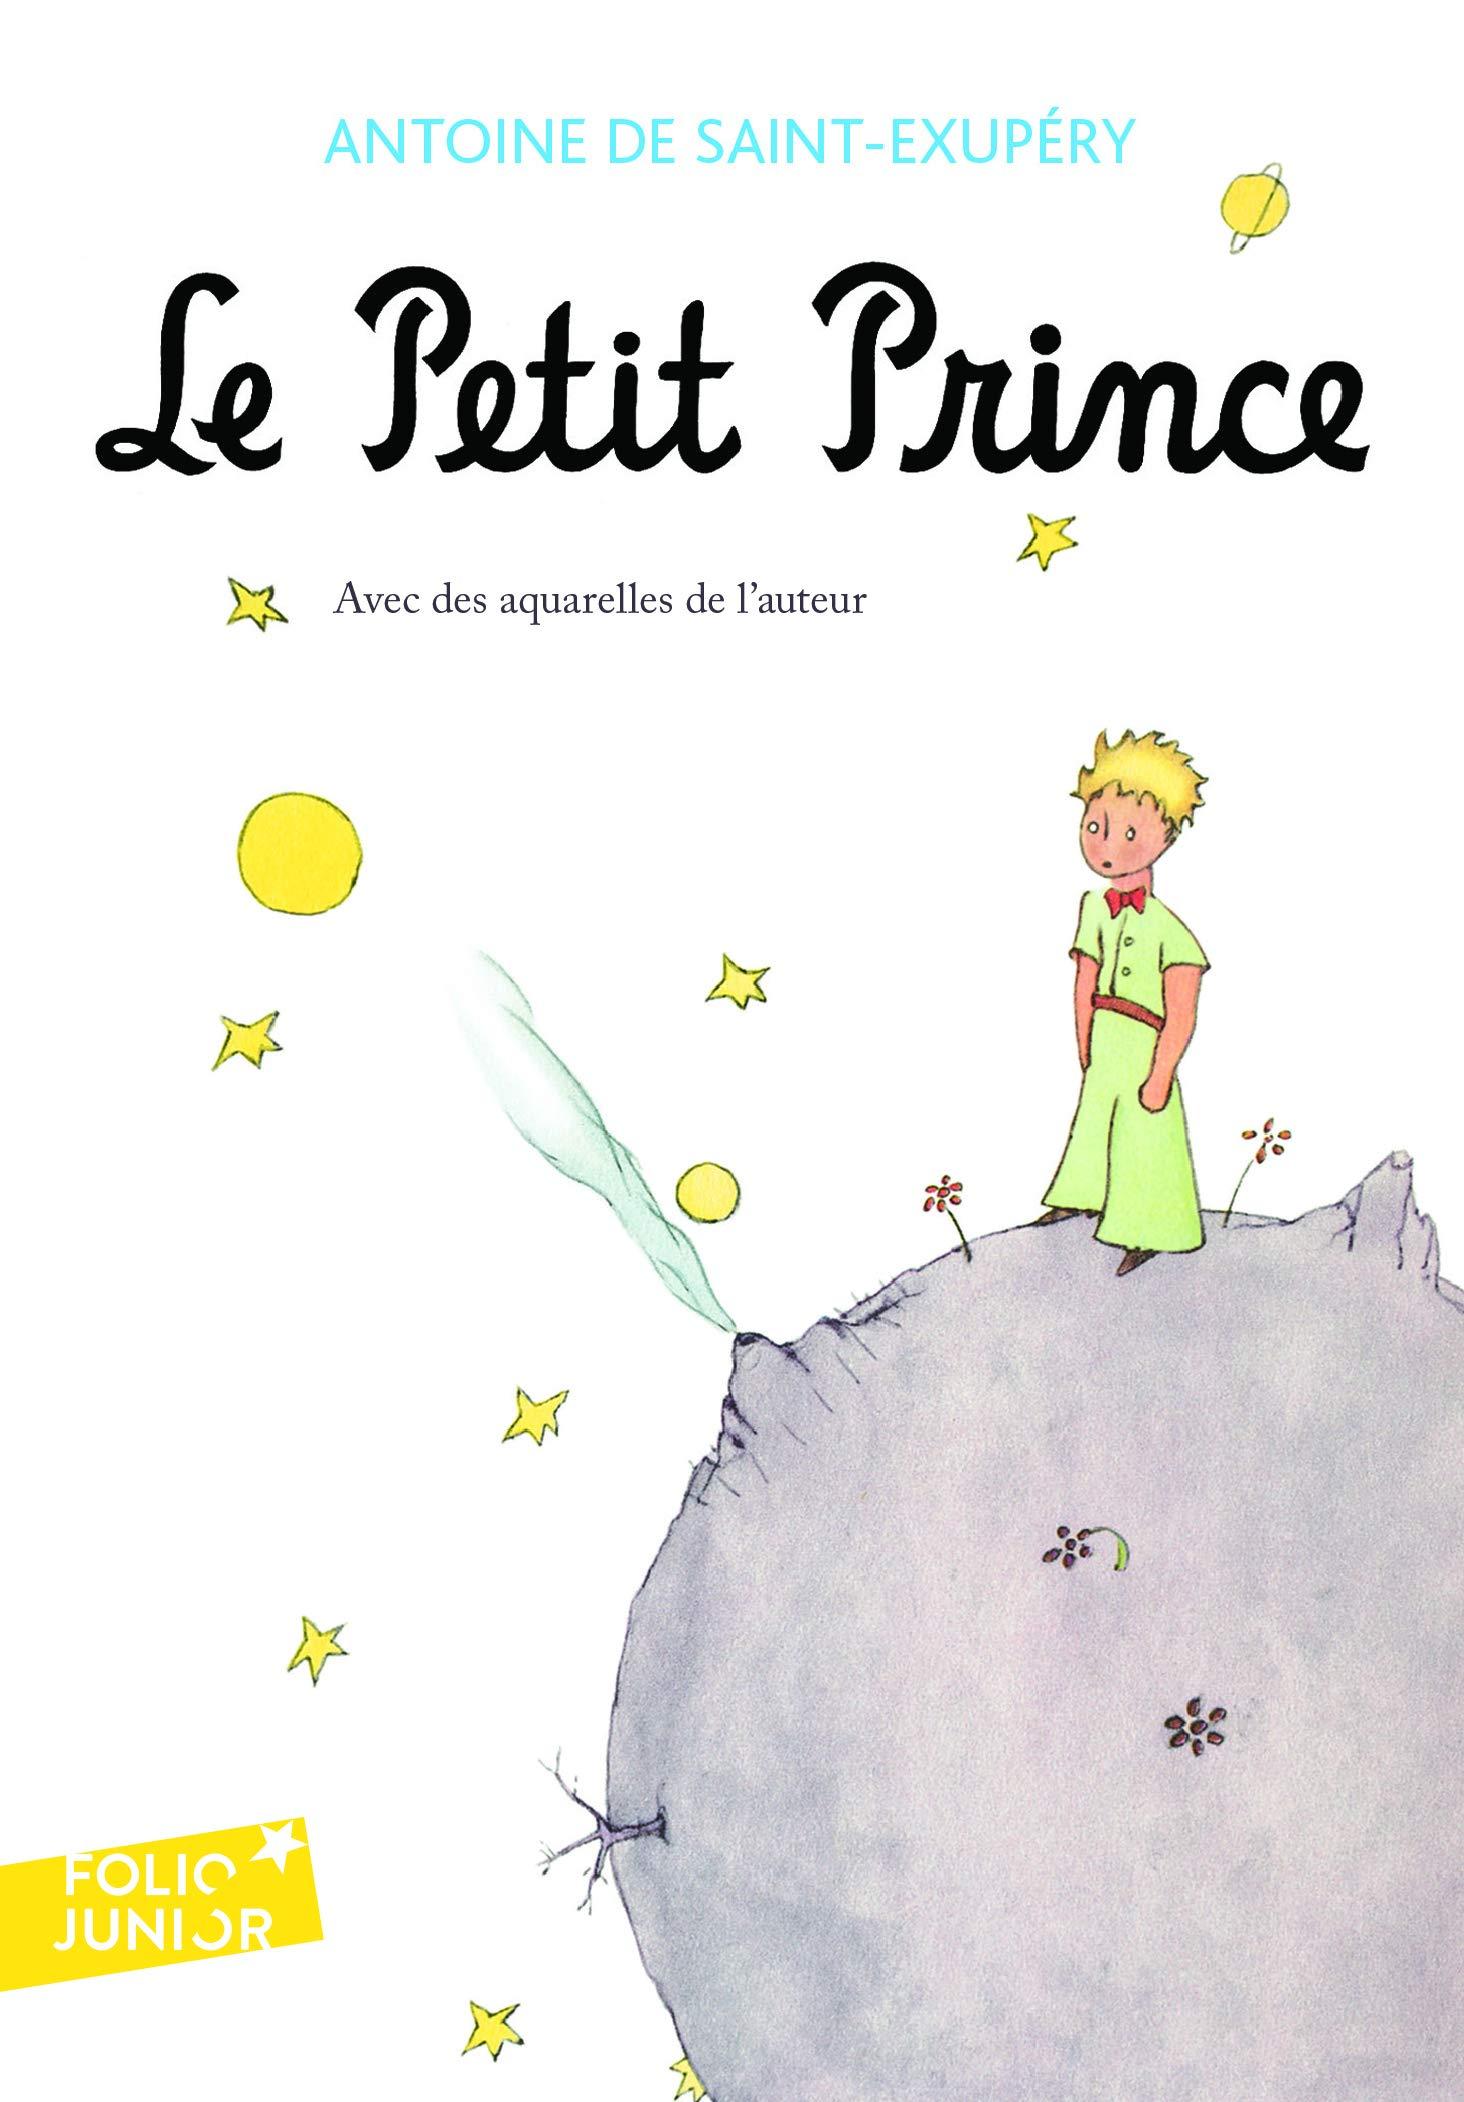 Le petit Prince: Avec Des Aquarelles de L'Auteur (Folio Junior):  Amazon.co.uk: Saint-Exupery, Antoine de: 9782070612758: Books